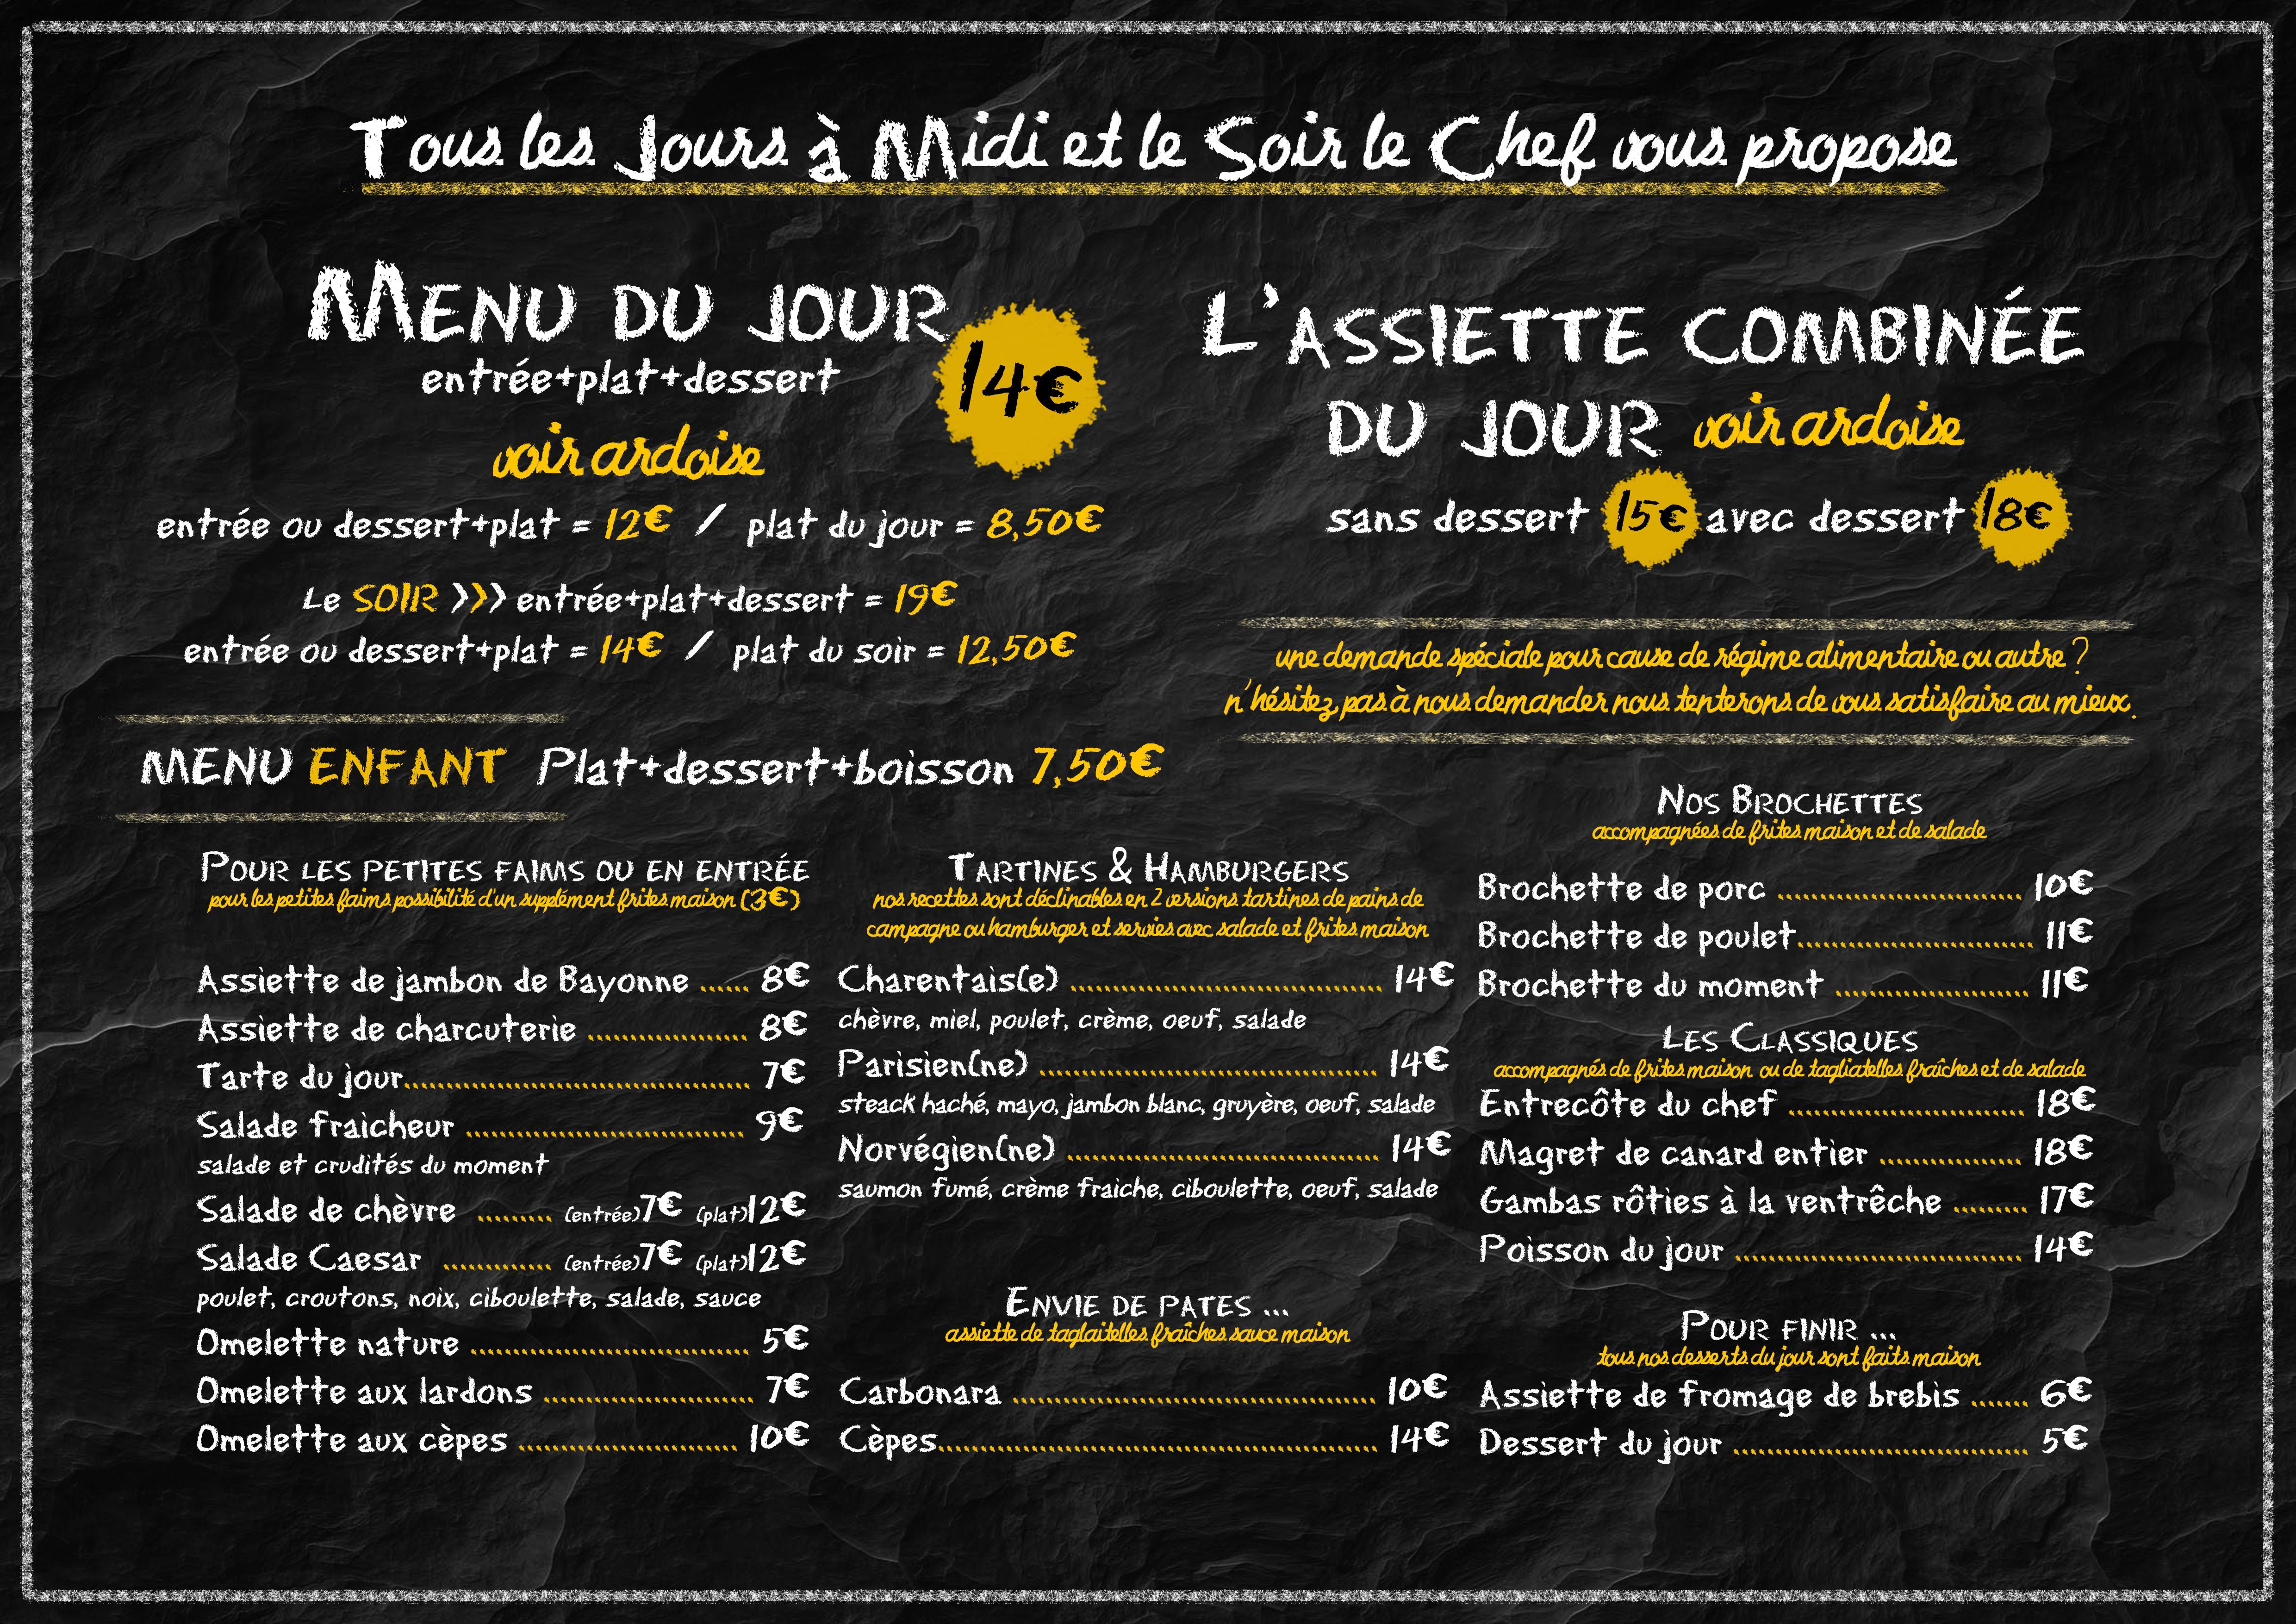 carte_café_des_sports'